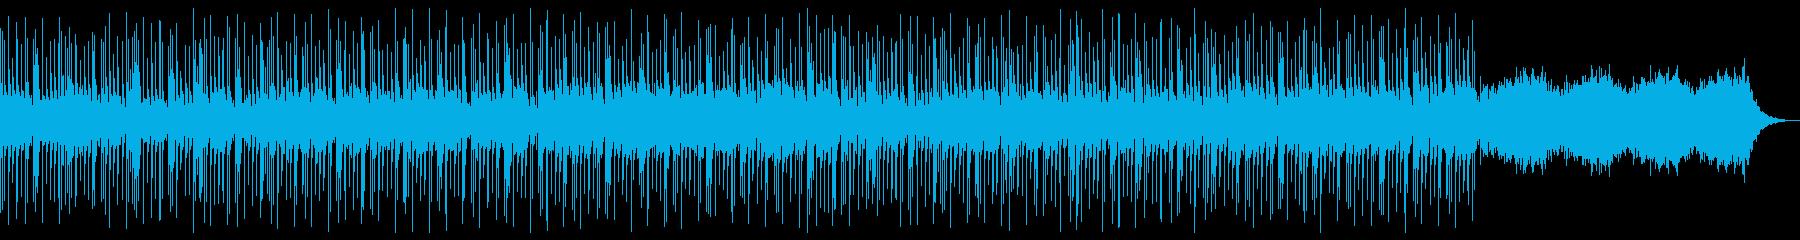 No rhythm version's reproduced waveform